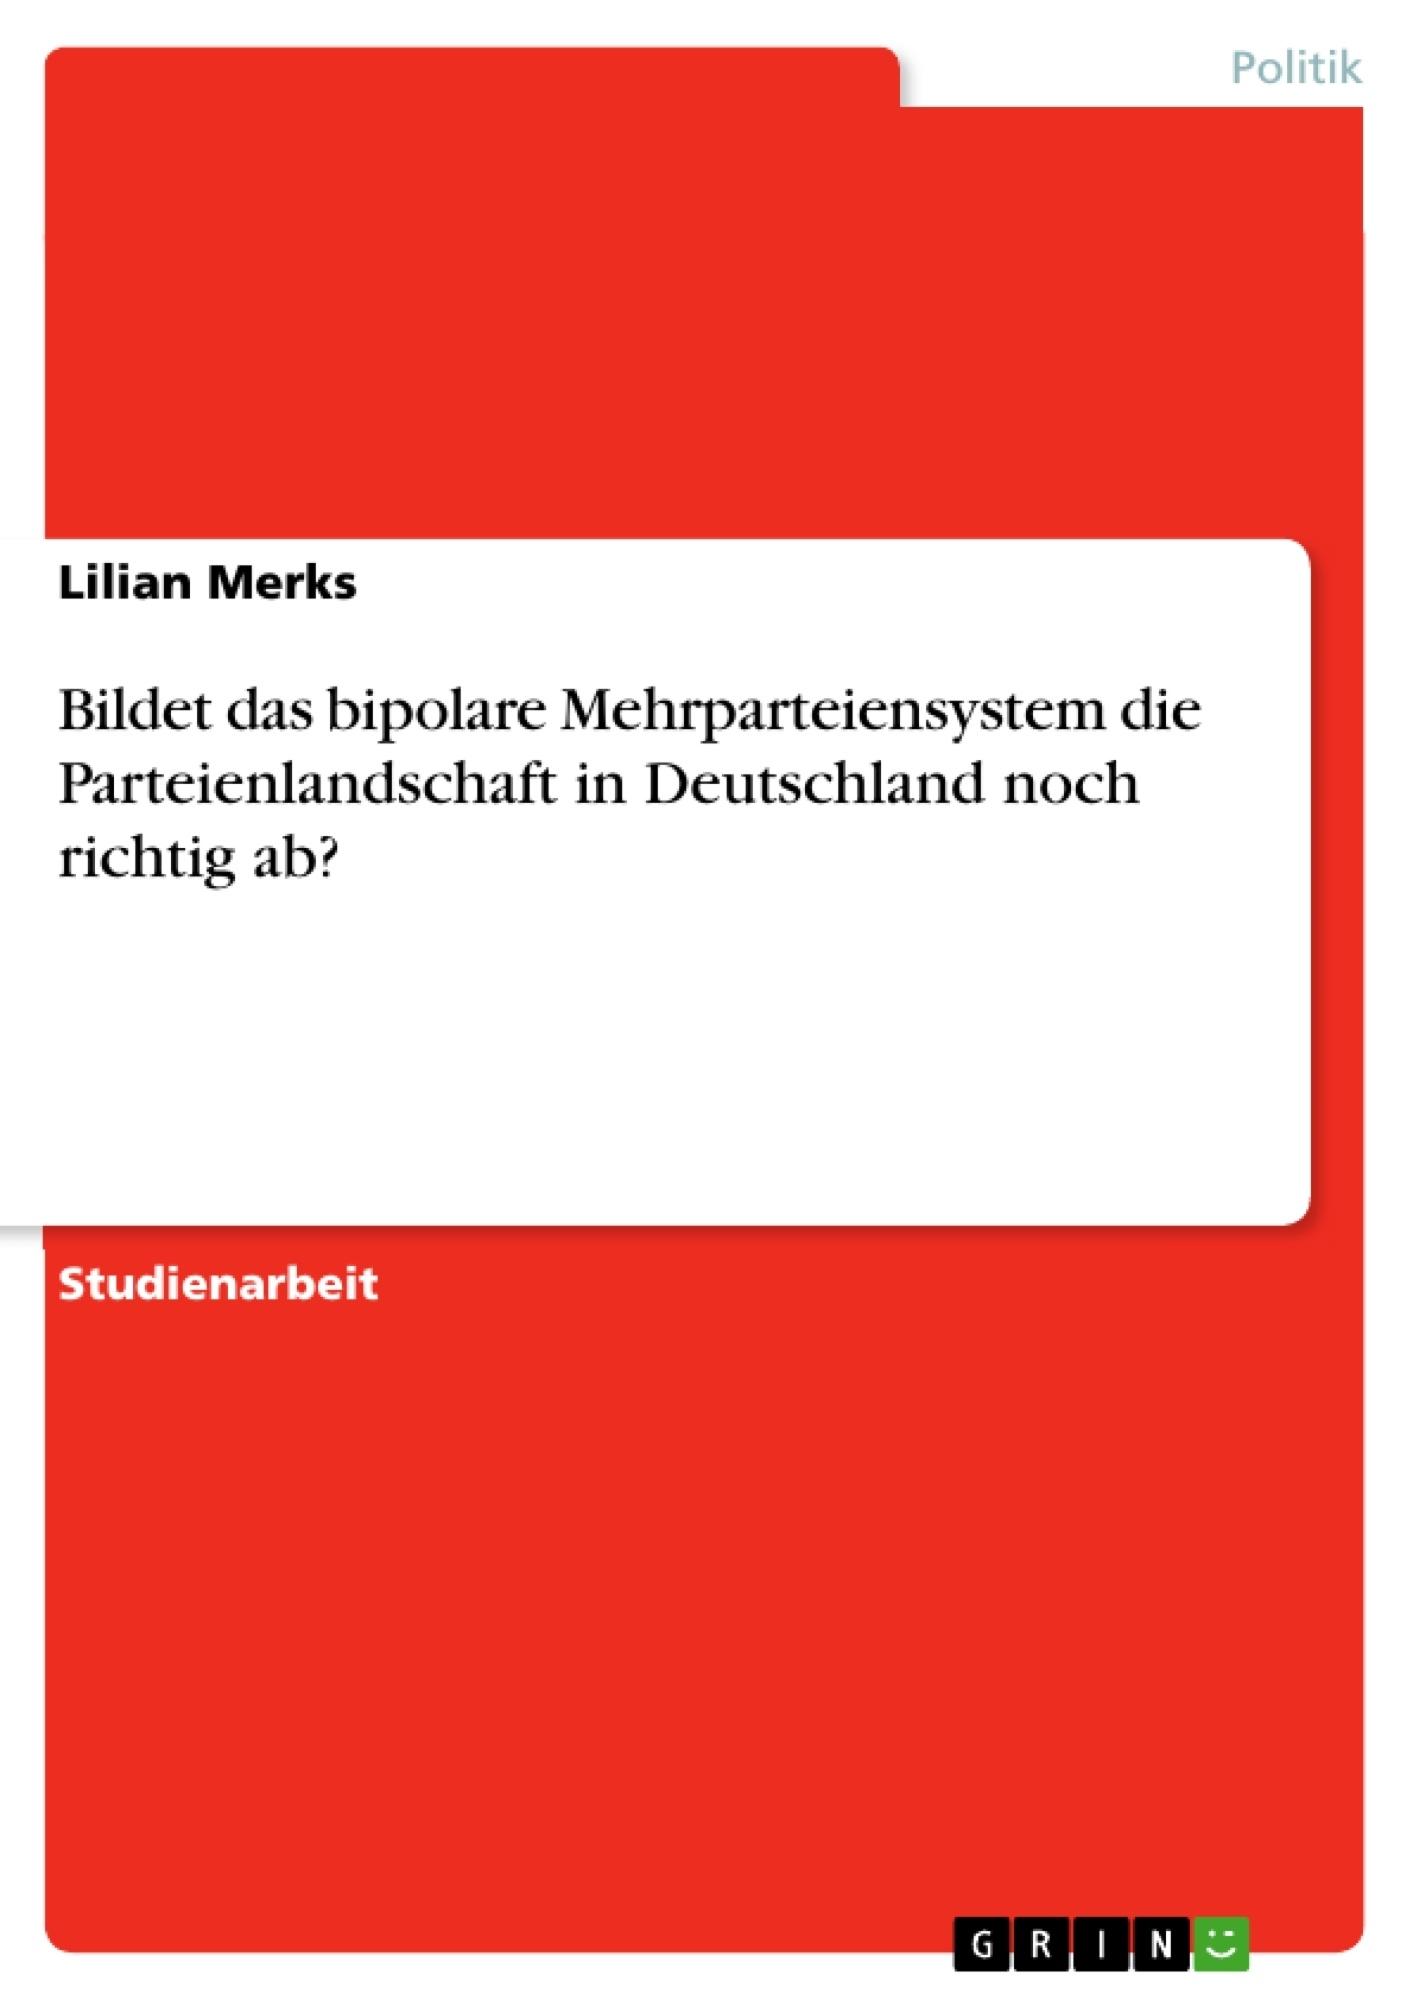 Titel: Bildet das bipolare Mehrparteiensystem die Parteienlandschaft in Deutschland noch richtig ab?